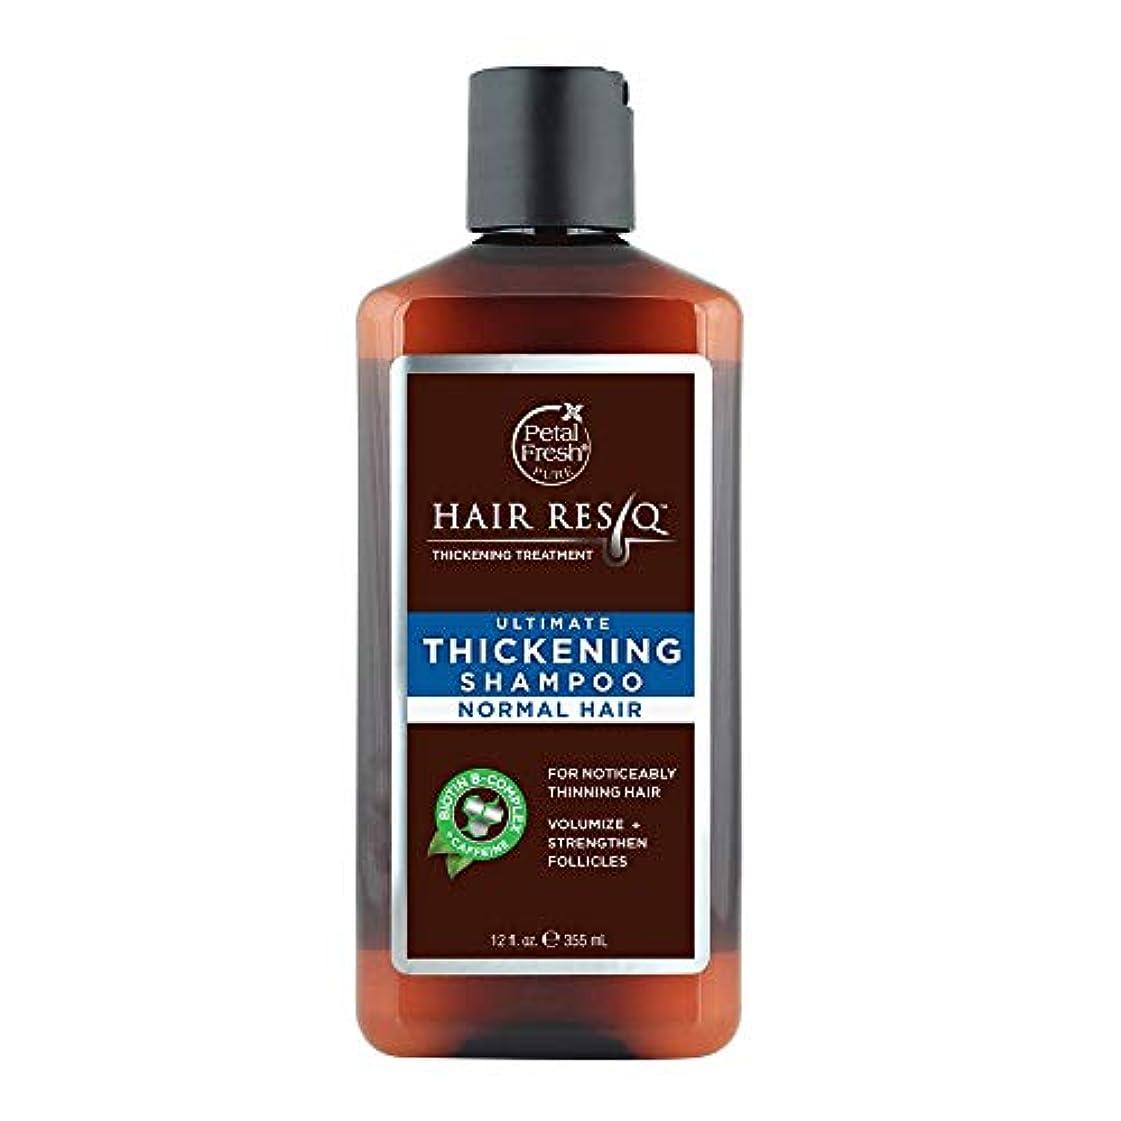 爆発物調和累積Petal Fresh ペタルフレッシュ ピュア 強く太く健康的な髪する シャンプー 12 fl oz (355 ml) [並行輸入品]